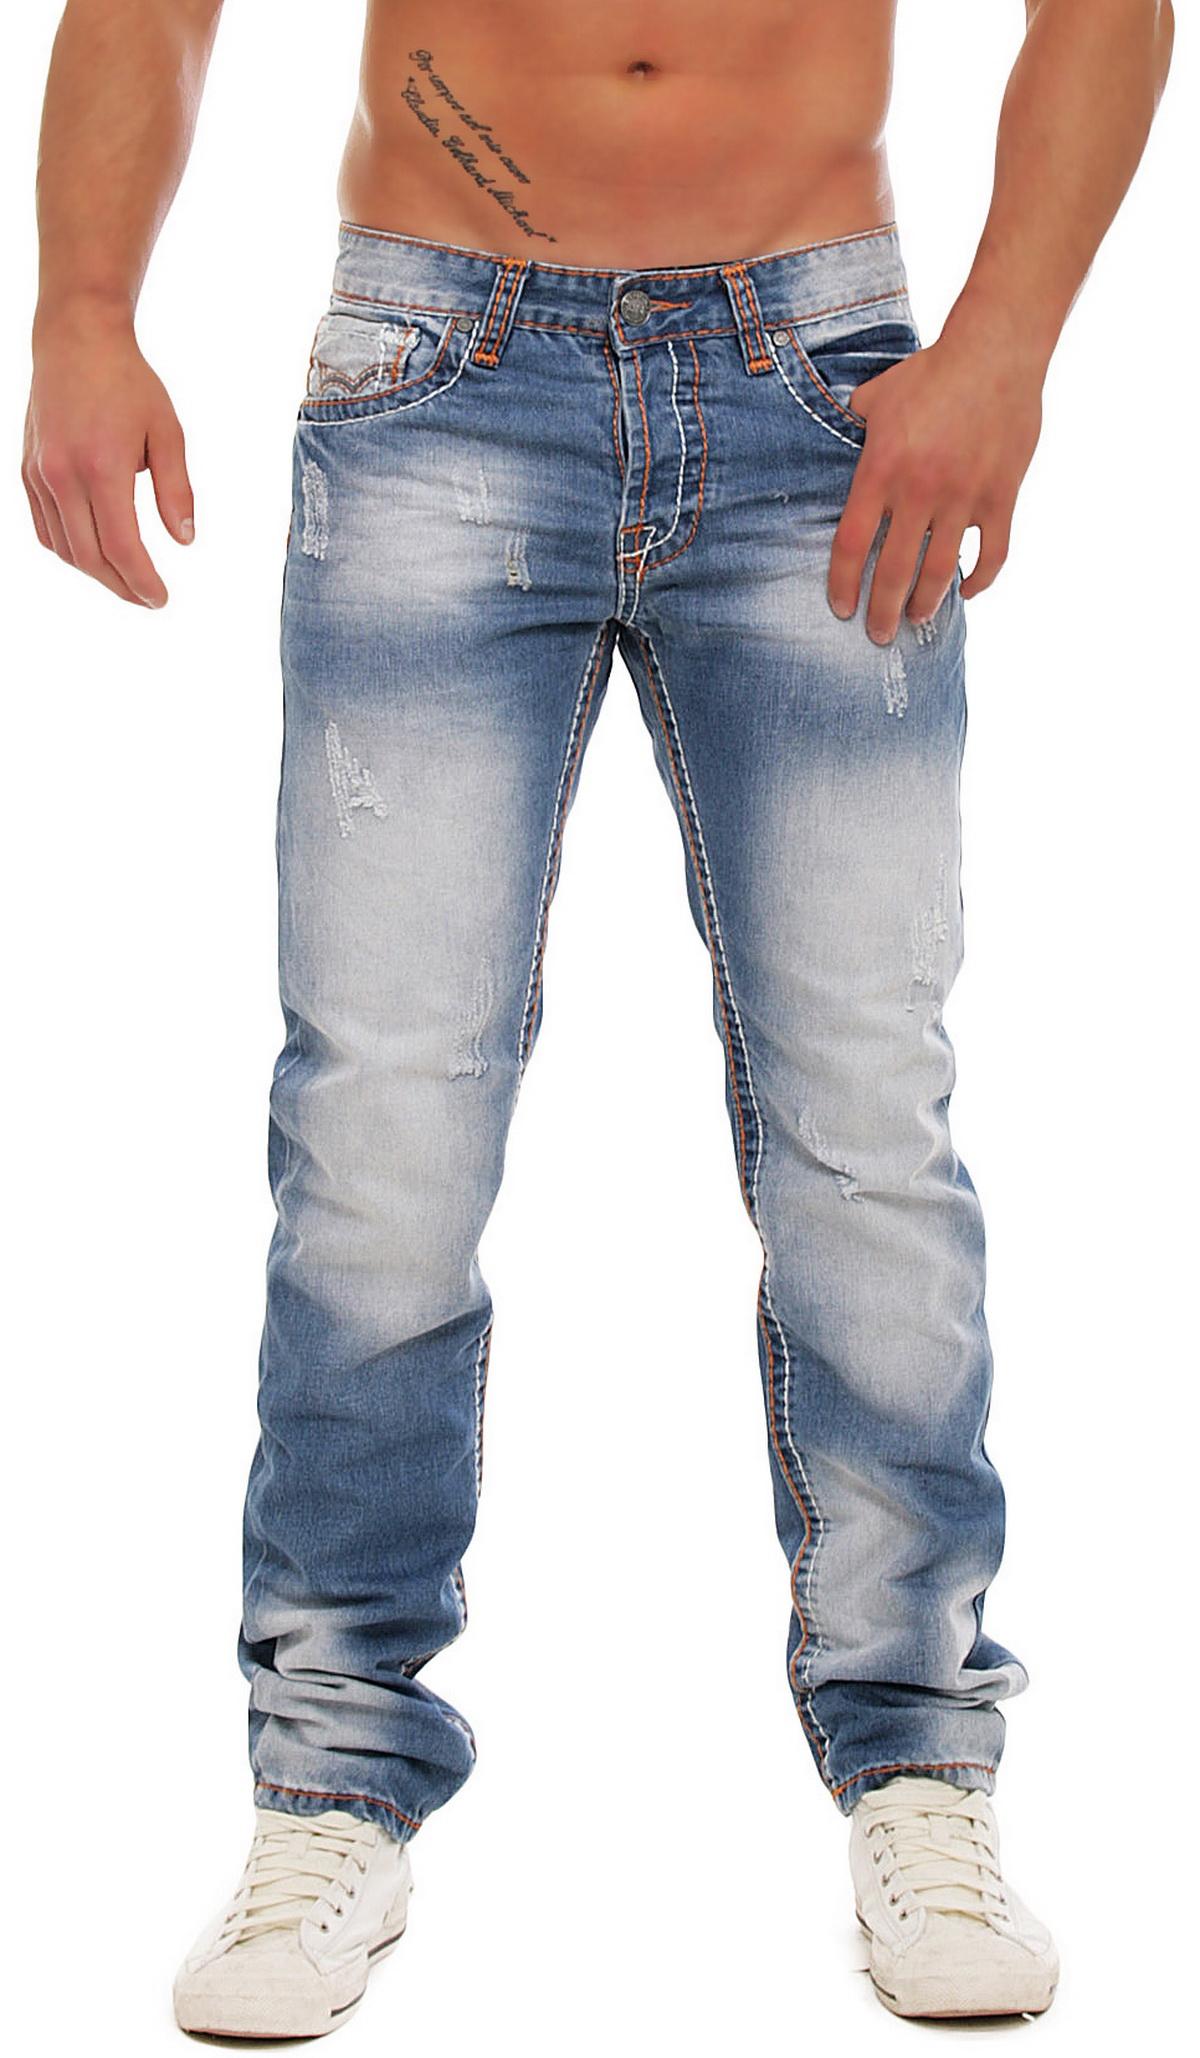 jeansnet herren jeans hose dicke naht slim fit jn 6005. Black Bedroom Furniture Sets. Home Design Ideas